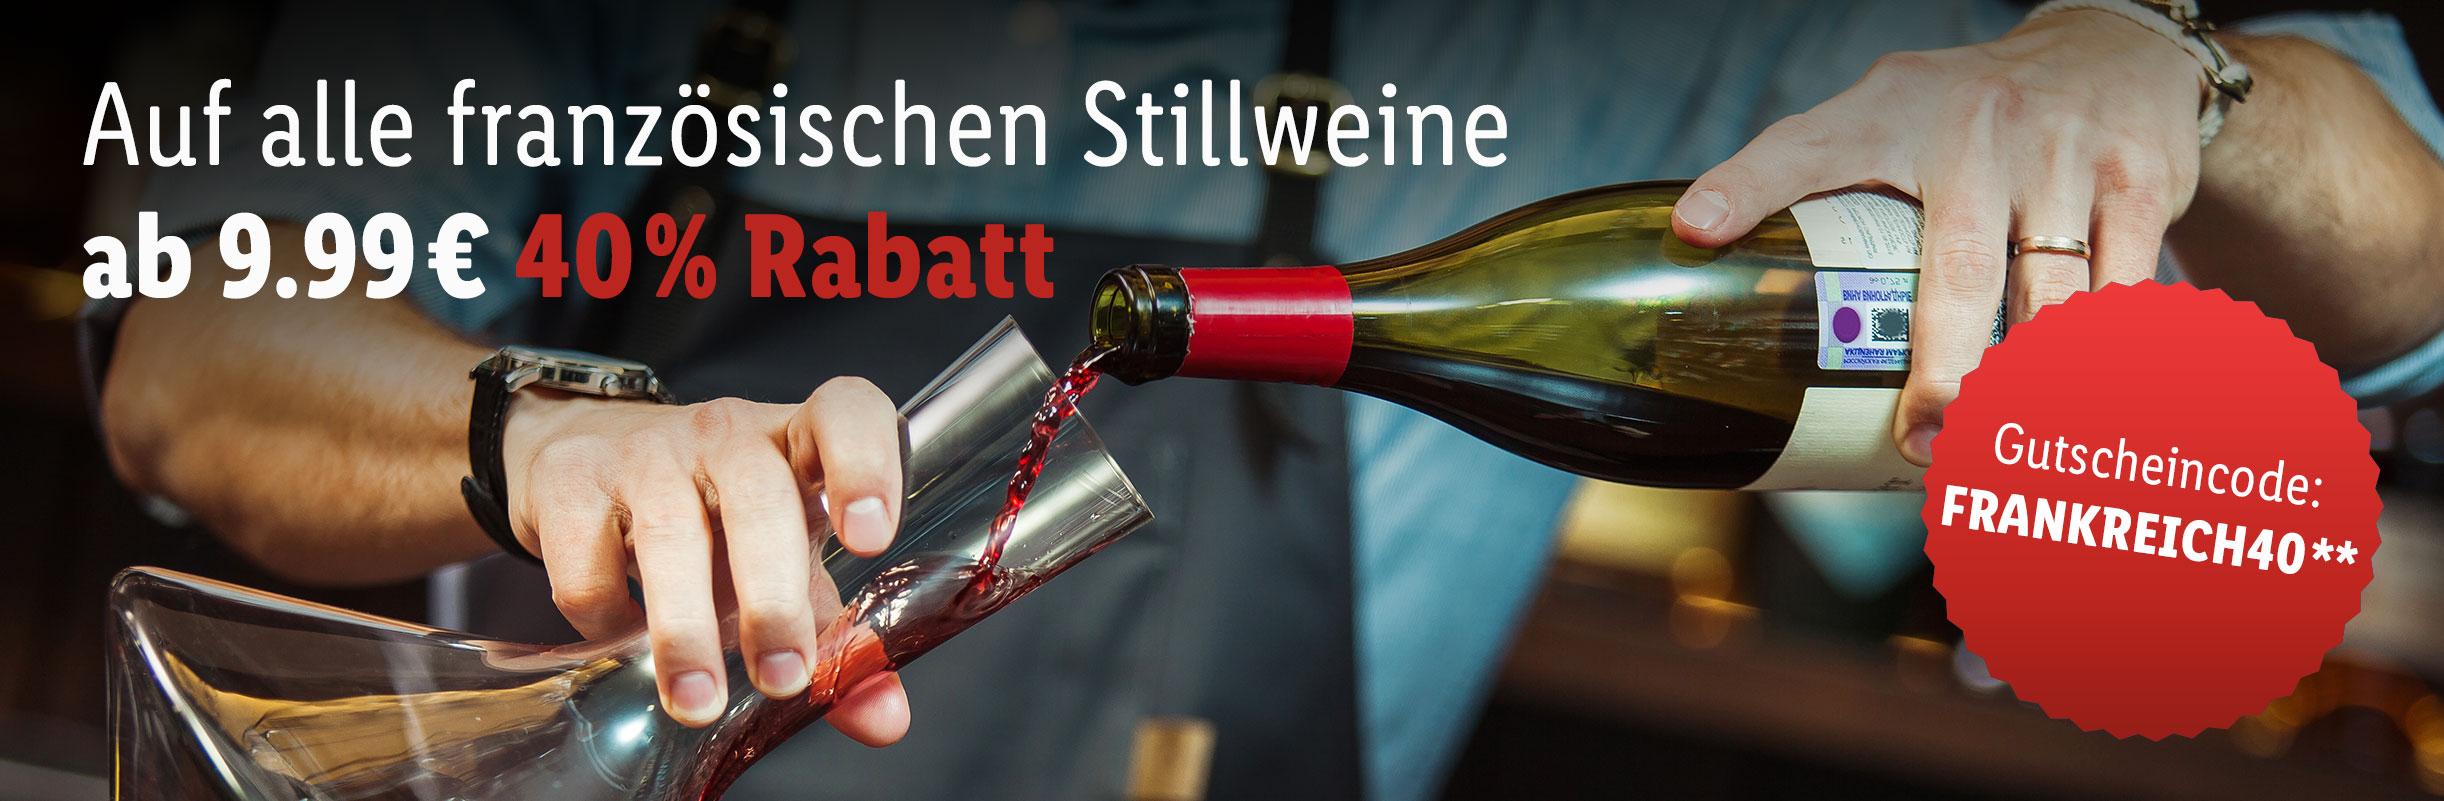 Französische Spitzenweine (Deuxieme Grand Cru Classé) mit 40% dank Gutschein bei LIDL